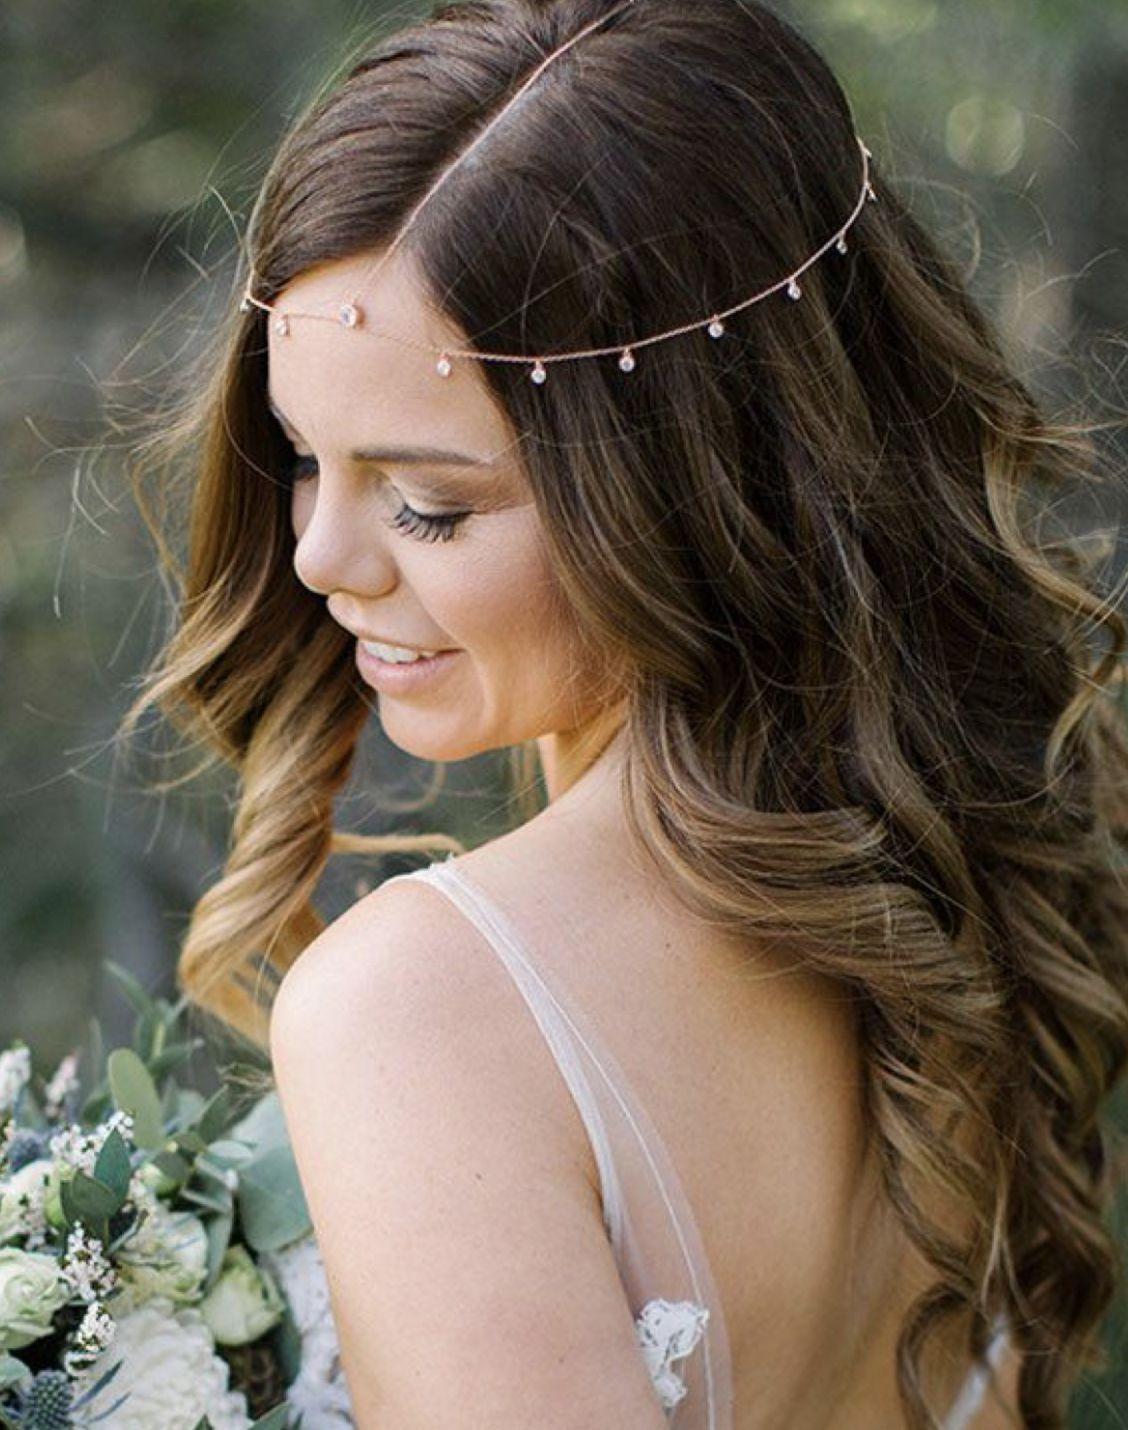 Kopfschmuck Hochzeit Offene Haare